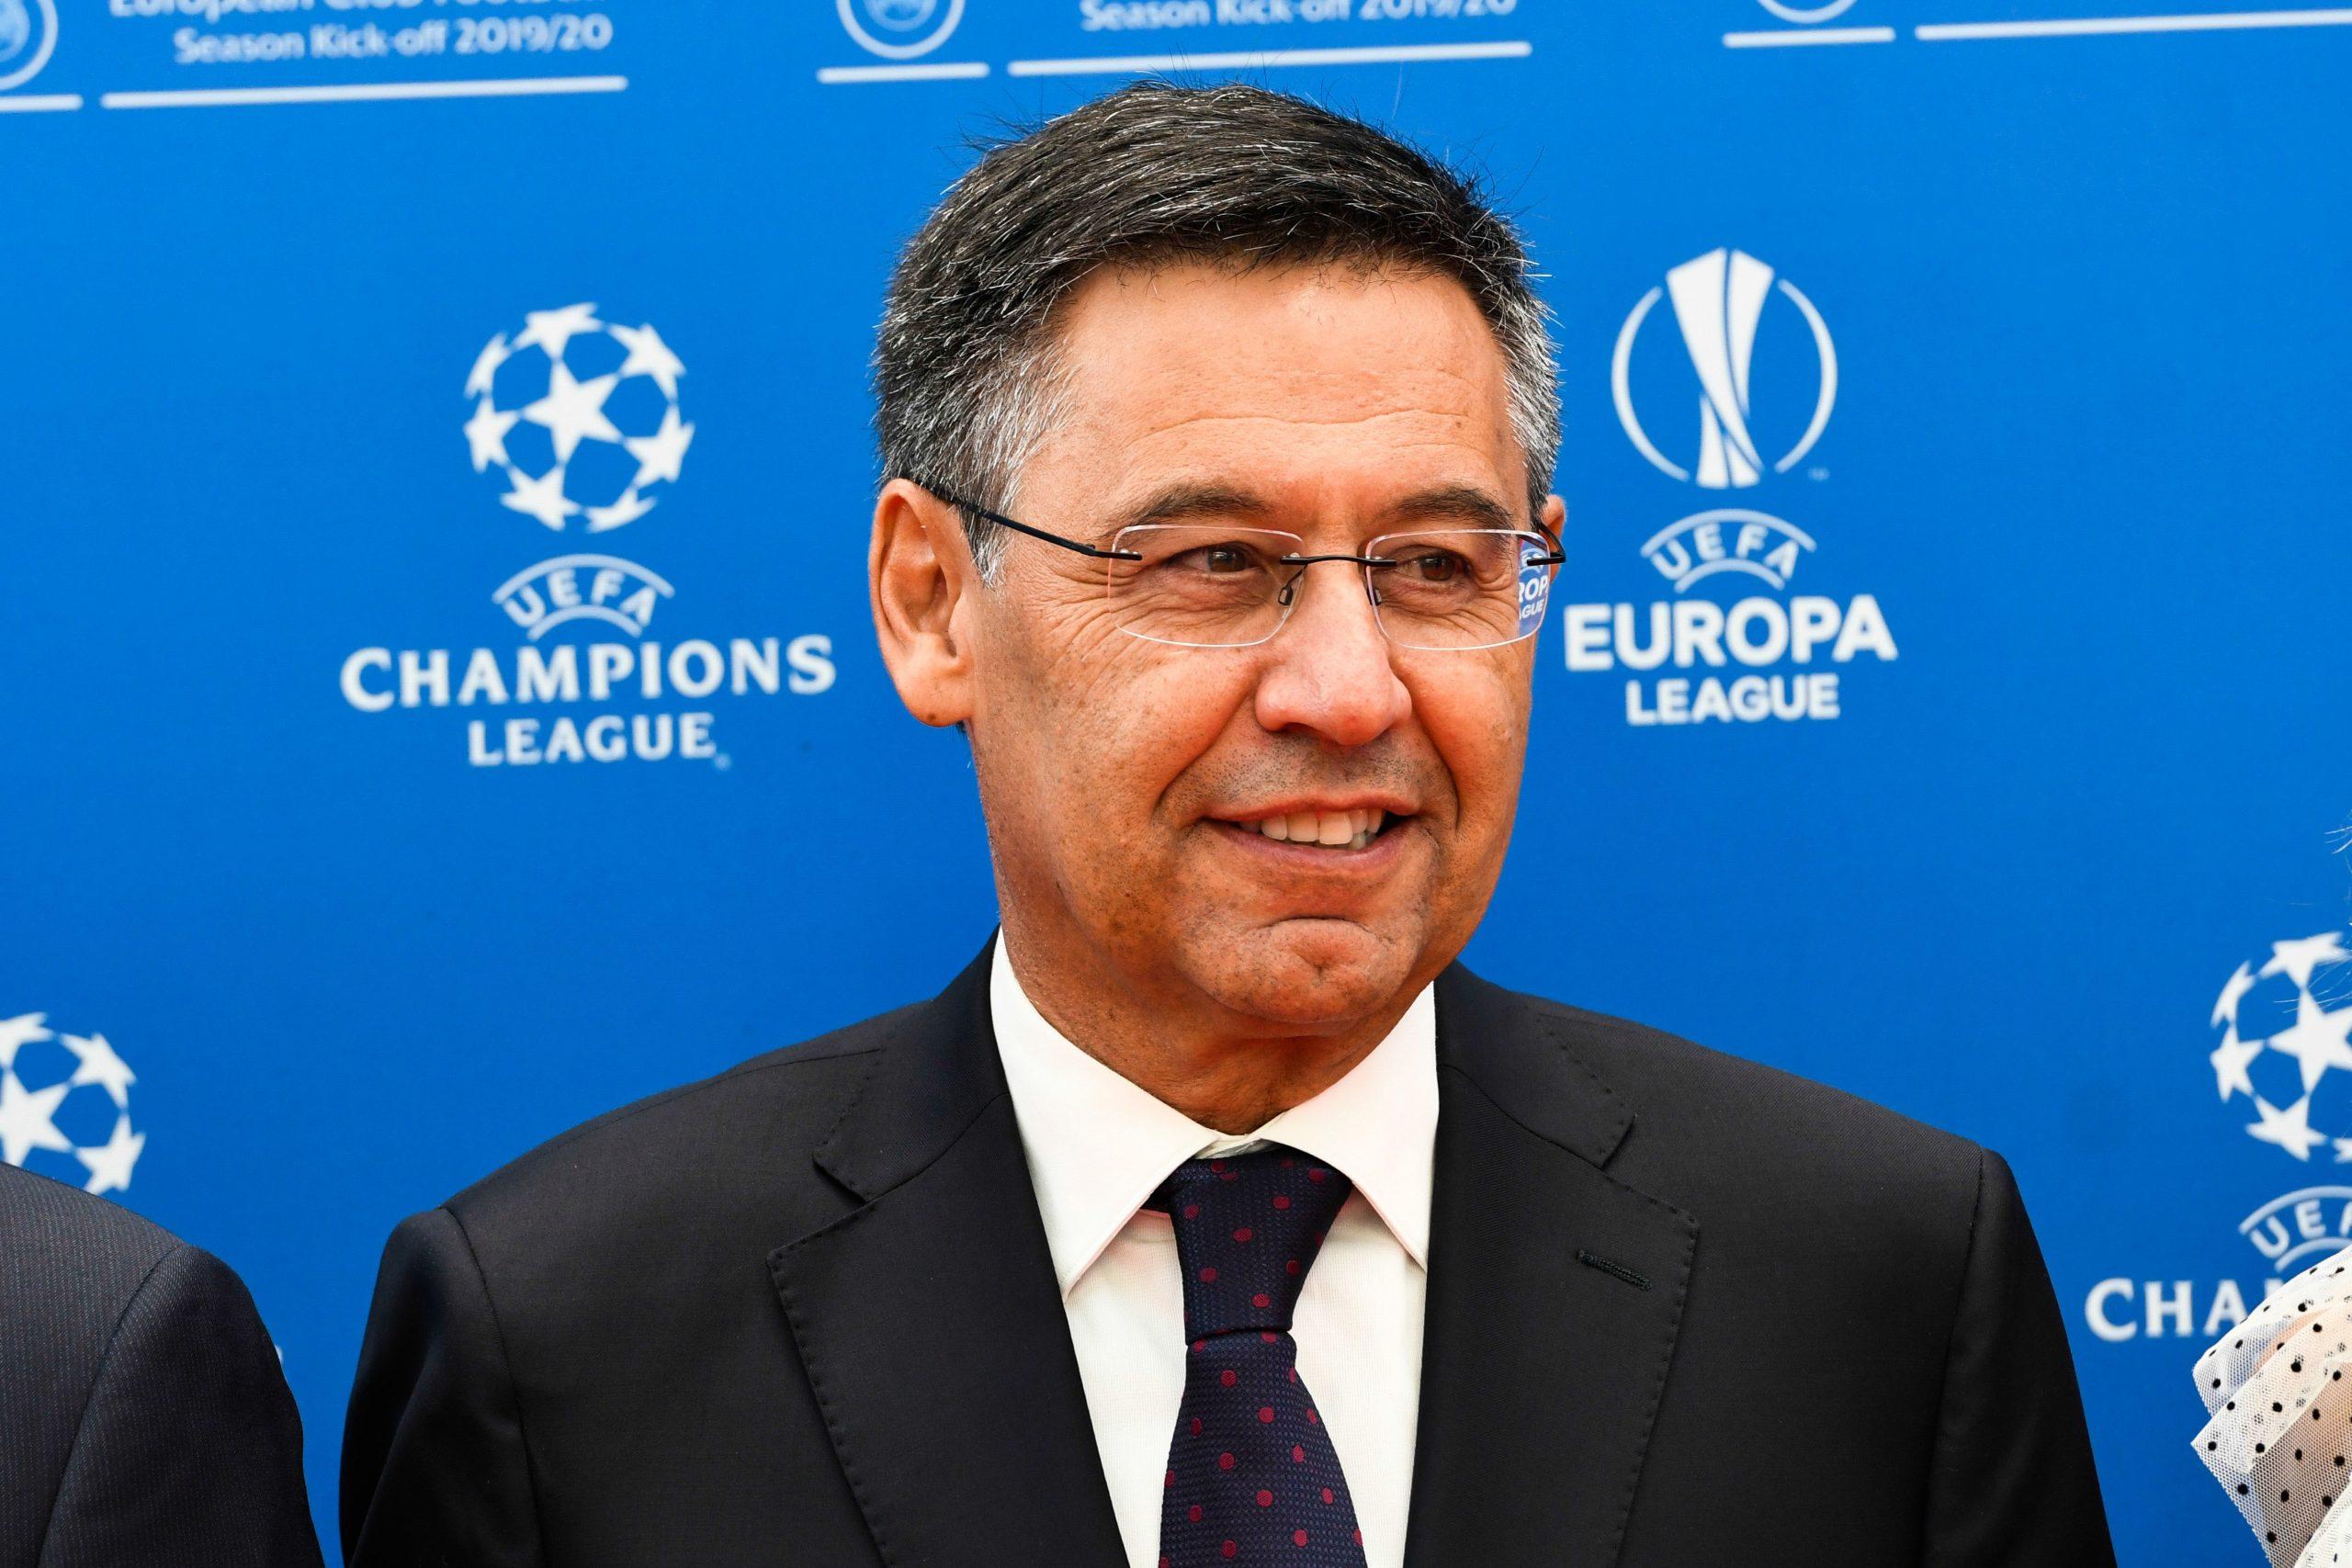 Le Barça approuve l'idée de la Super Ligue européenne, annonce Bartomeu